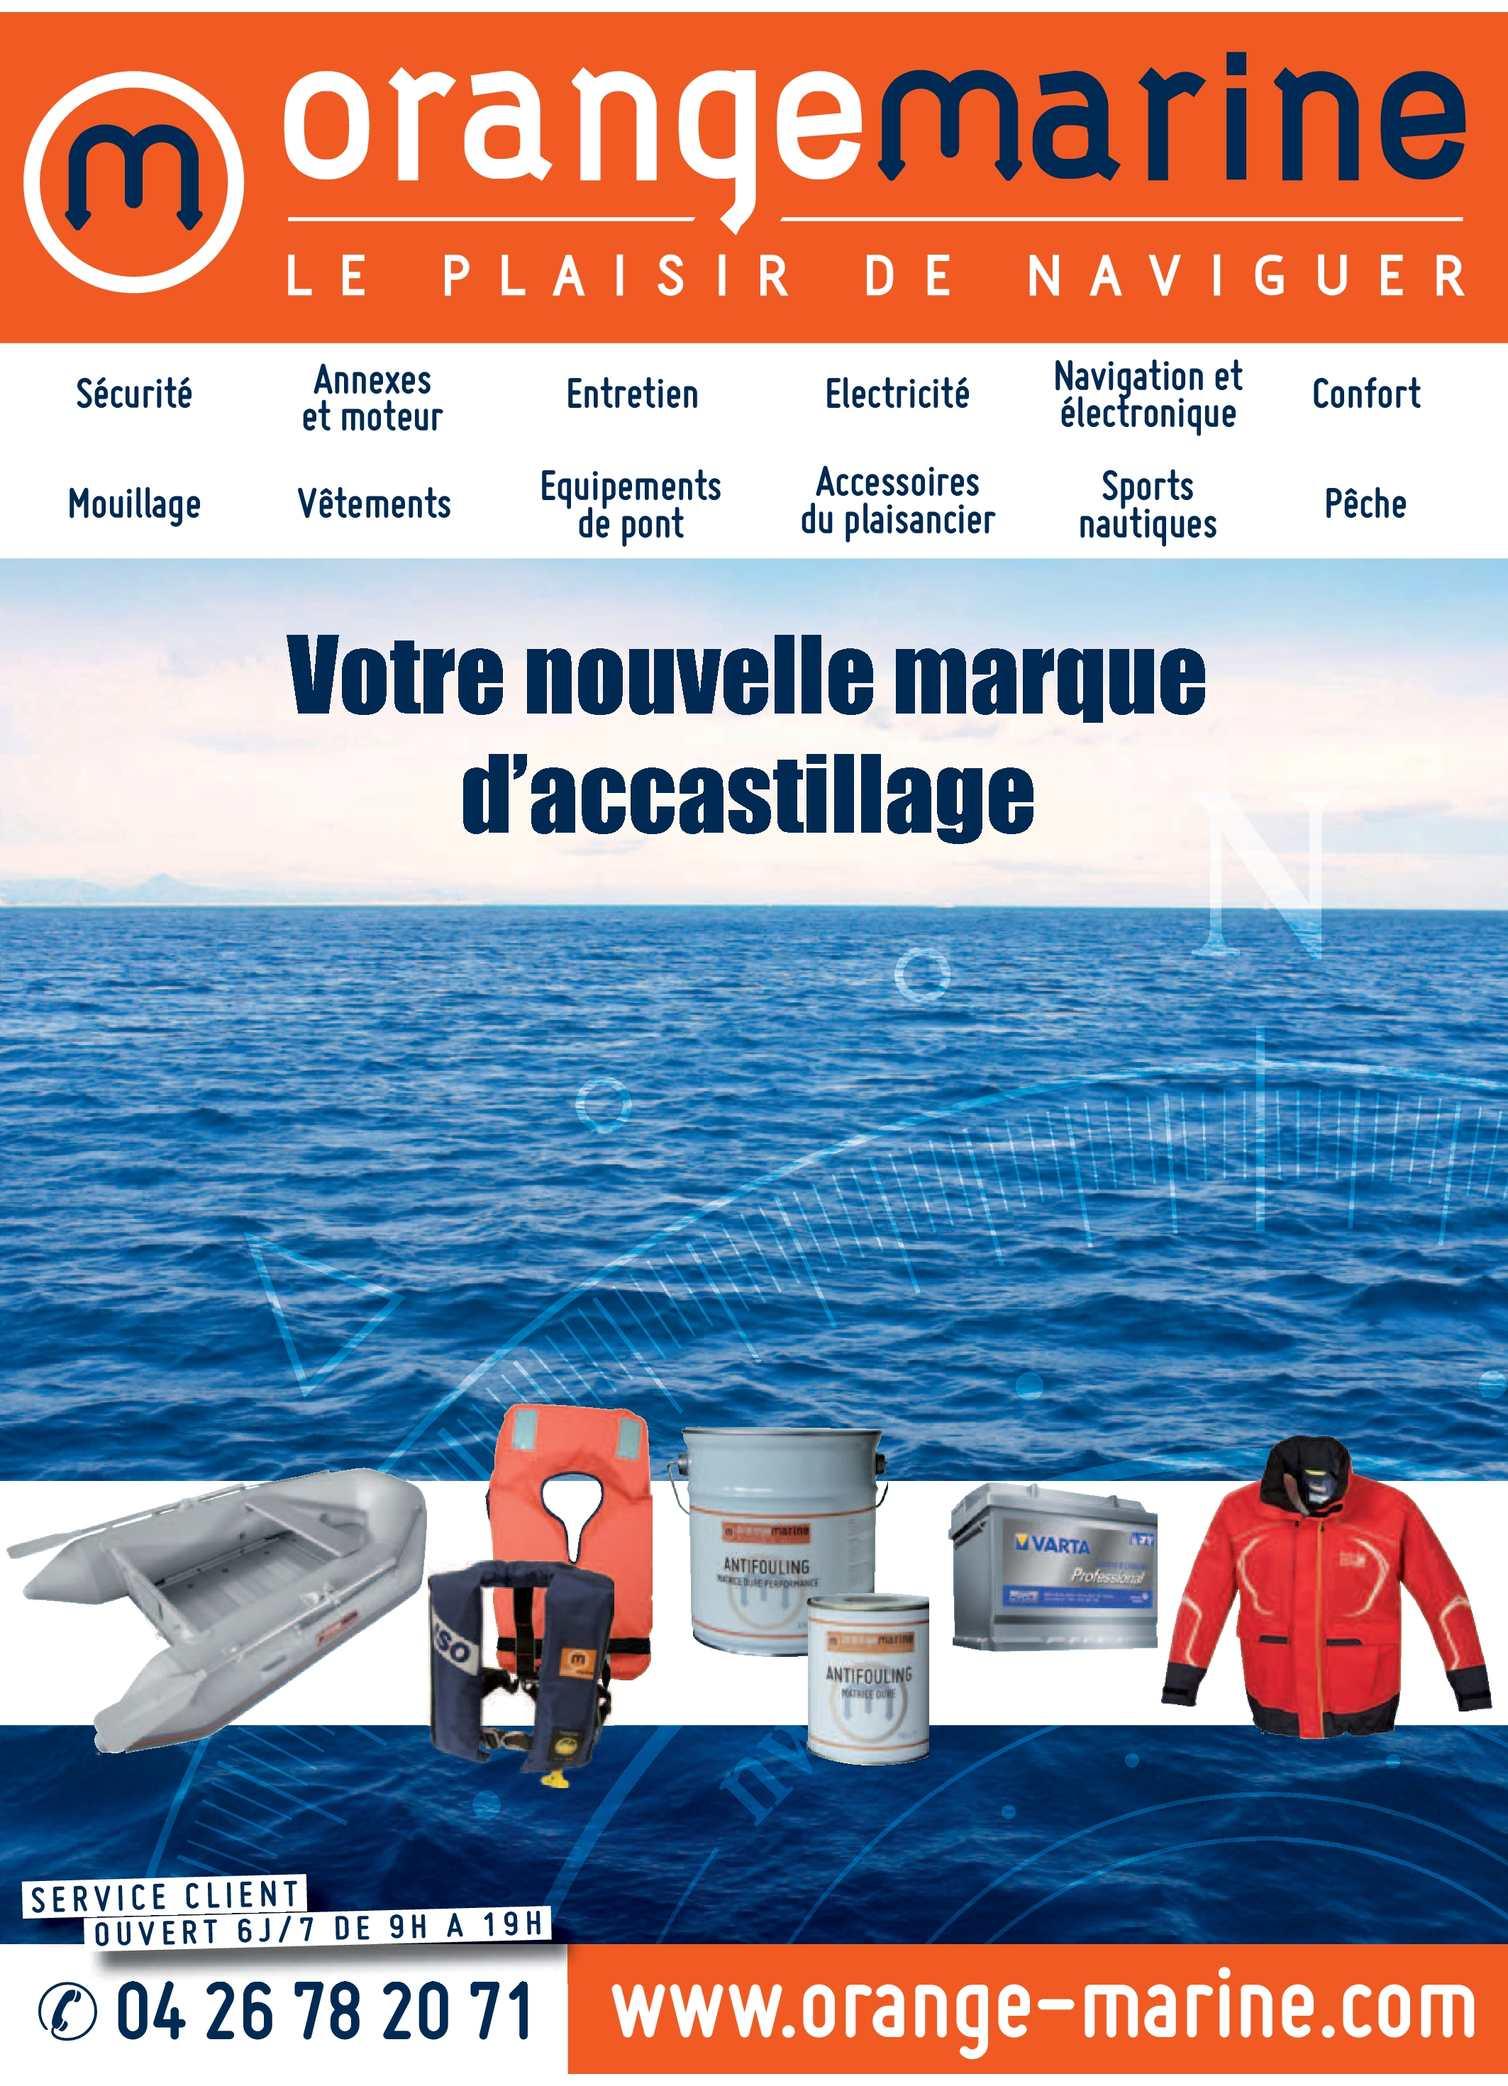 641e25c308f819 Calaméo - Catalogue Orangemarine 2012